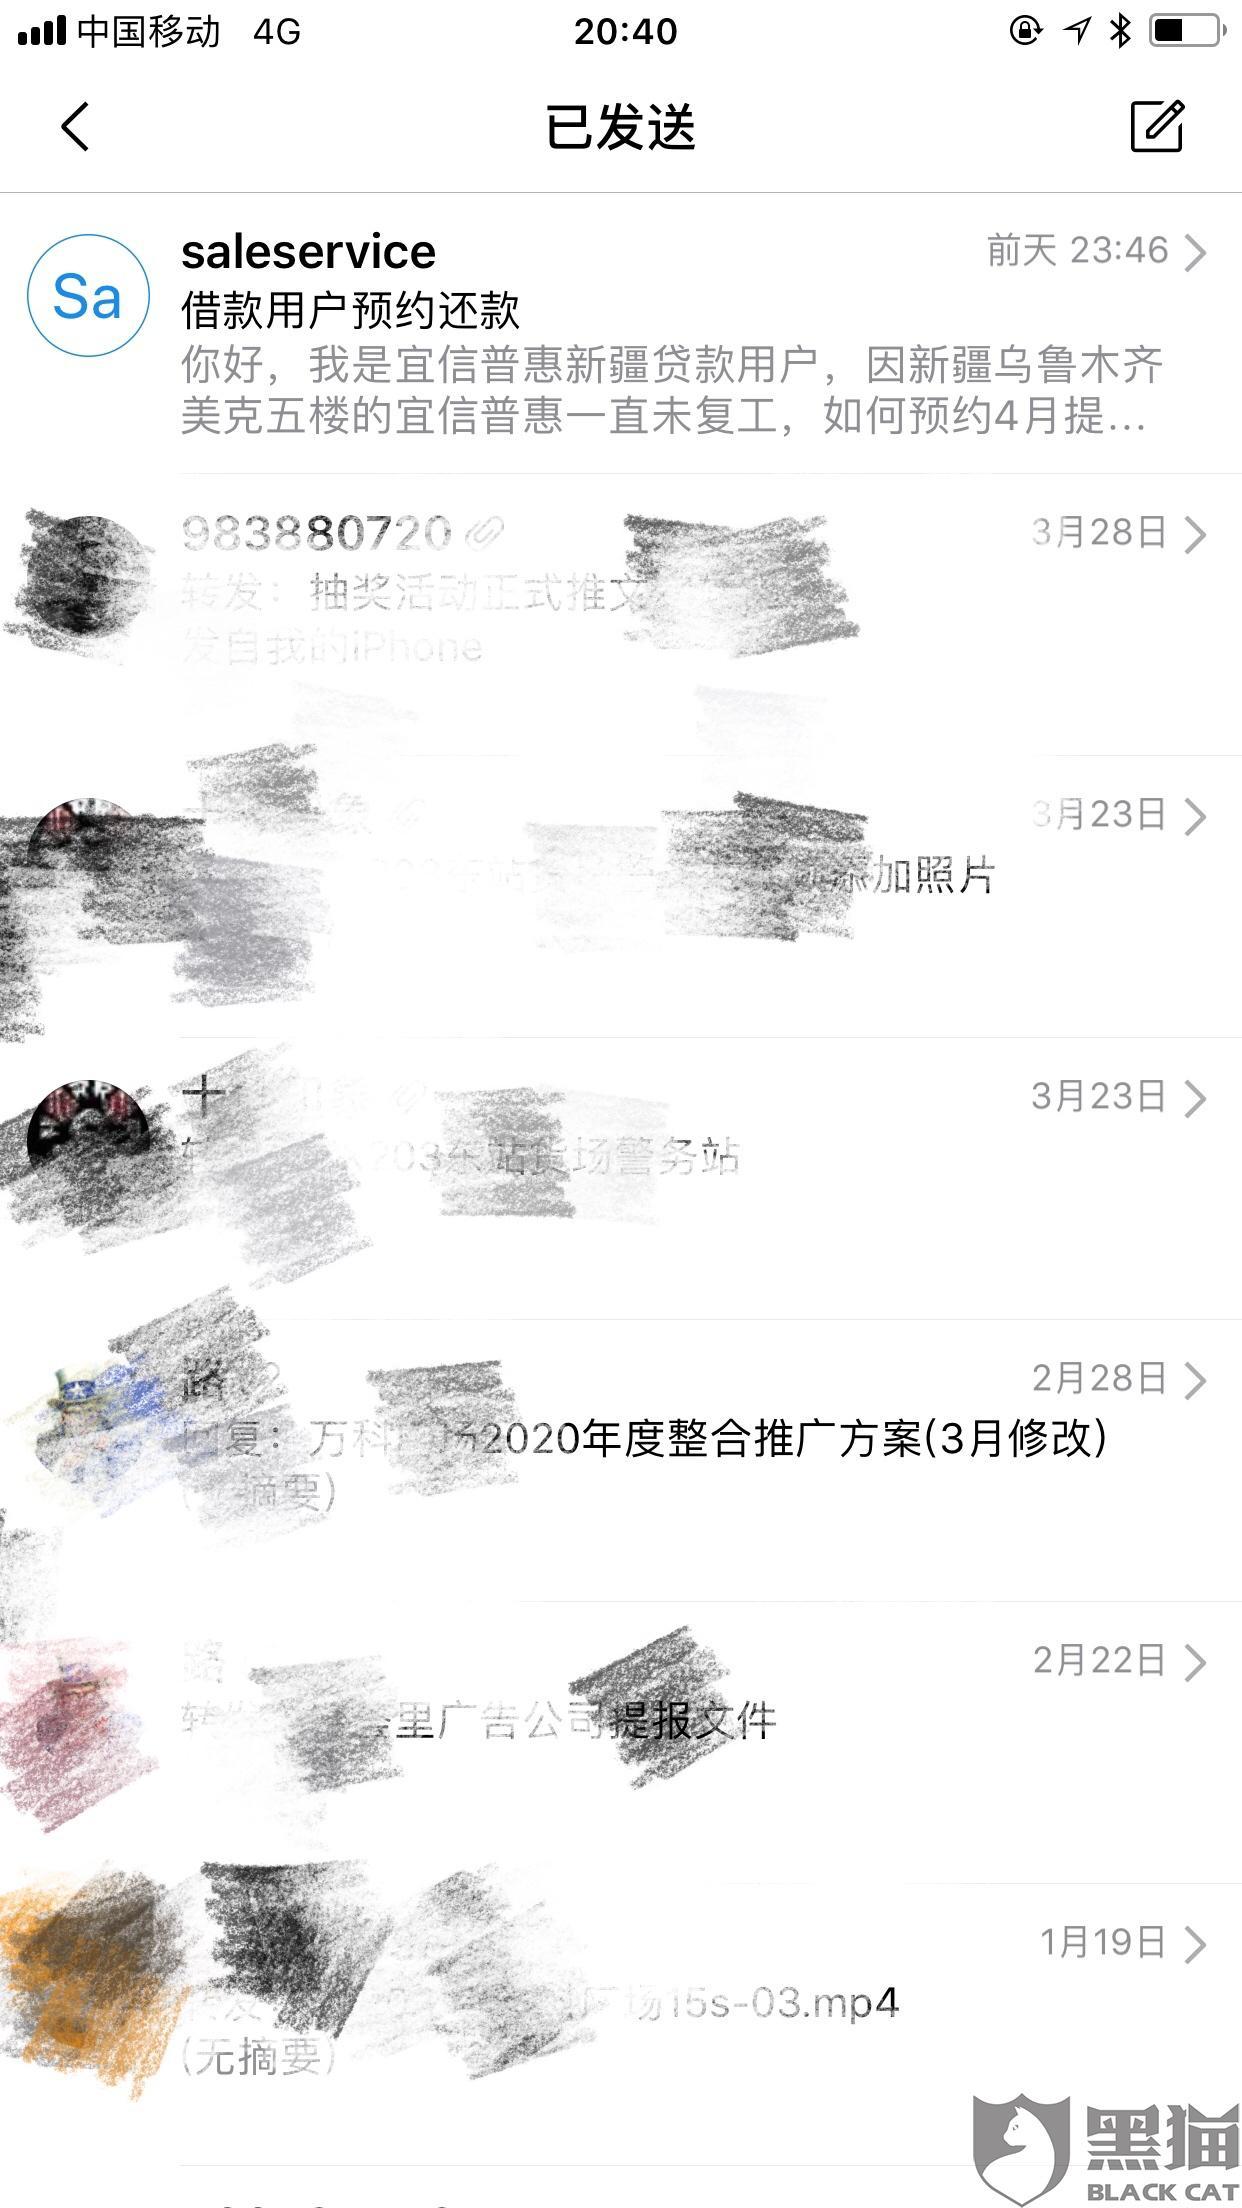 黑猫投诉:无法联系预约宜信普惠一线公司可能导致我多掏3800元/月利息